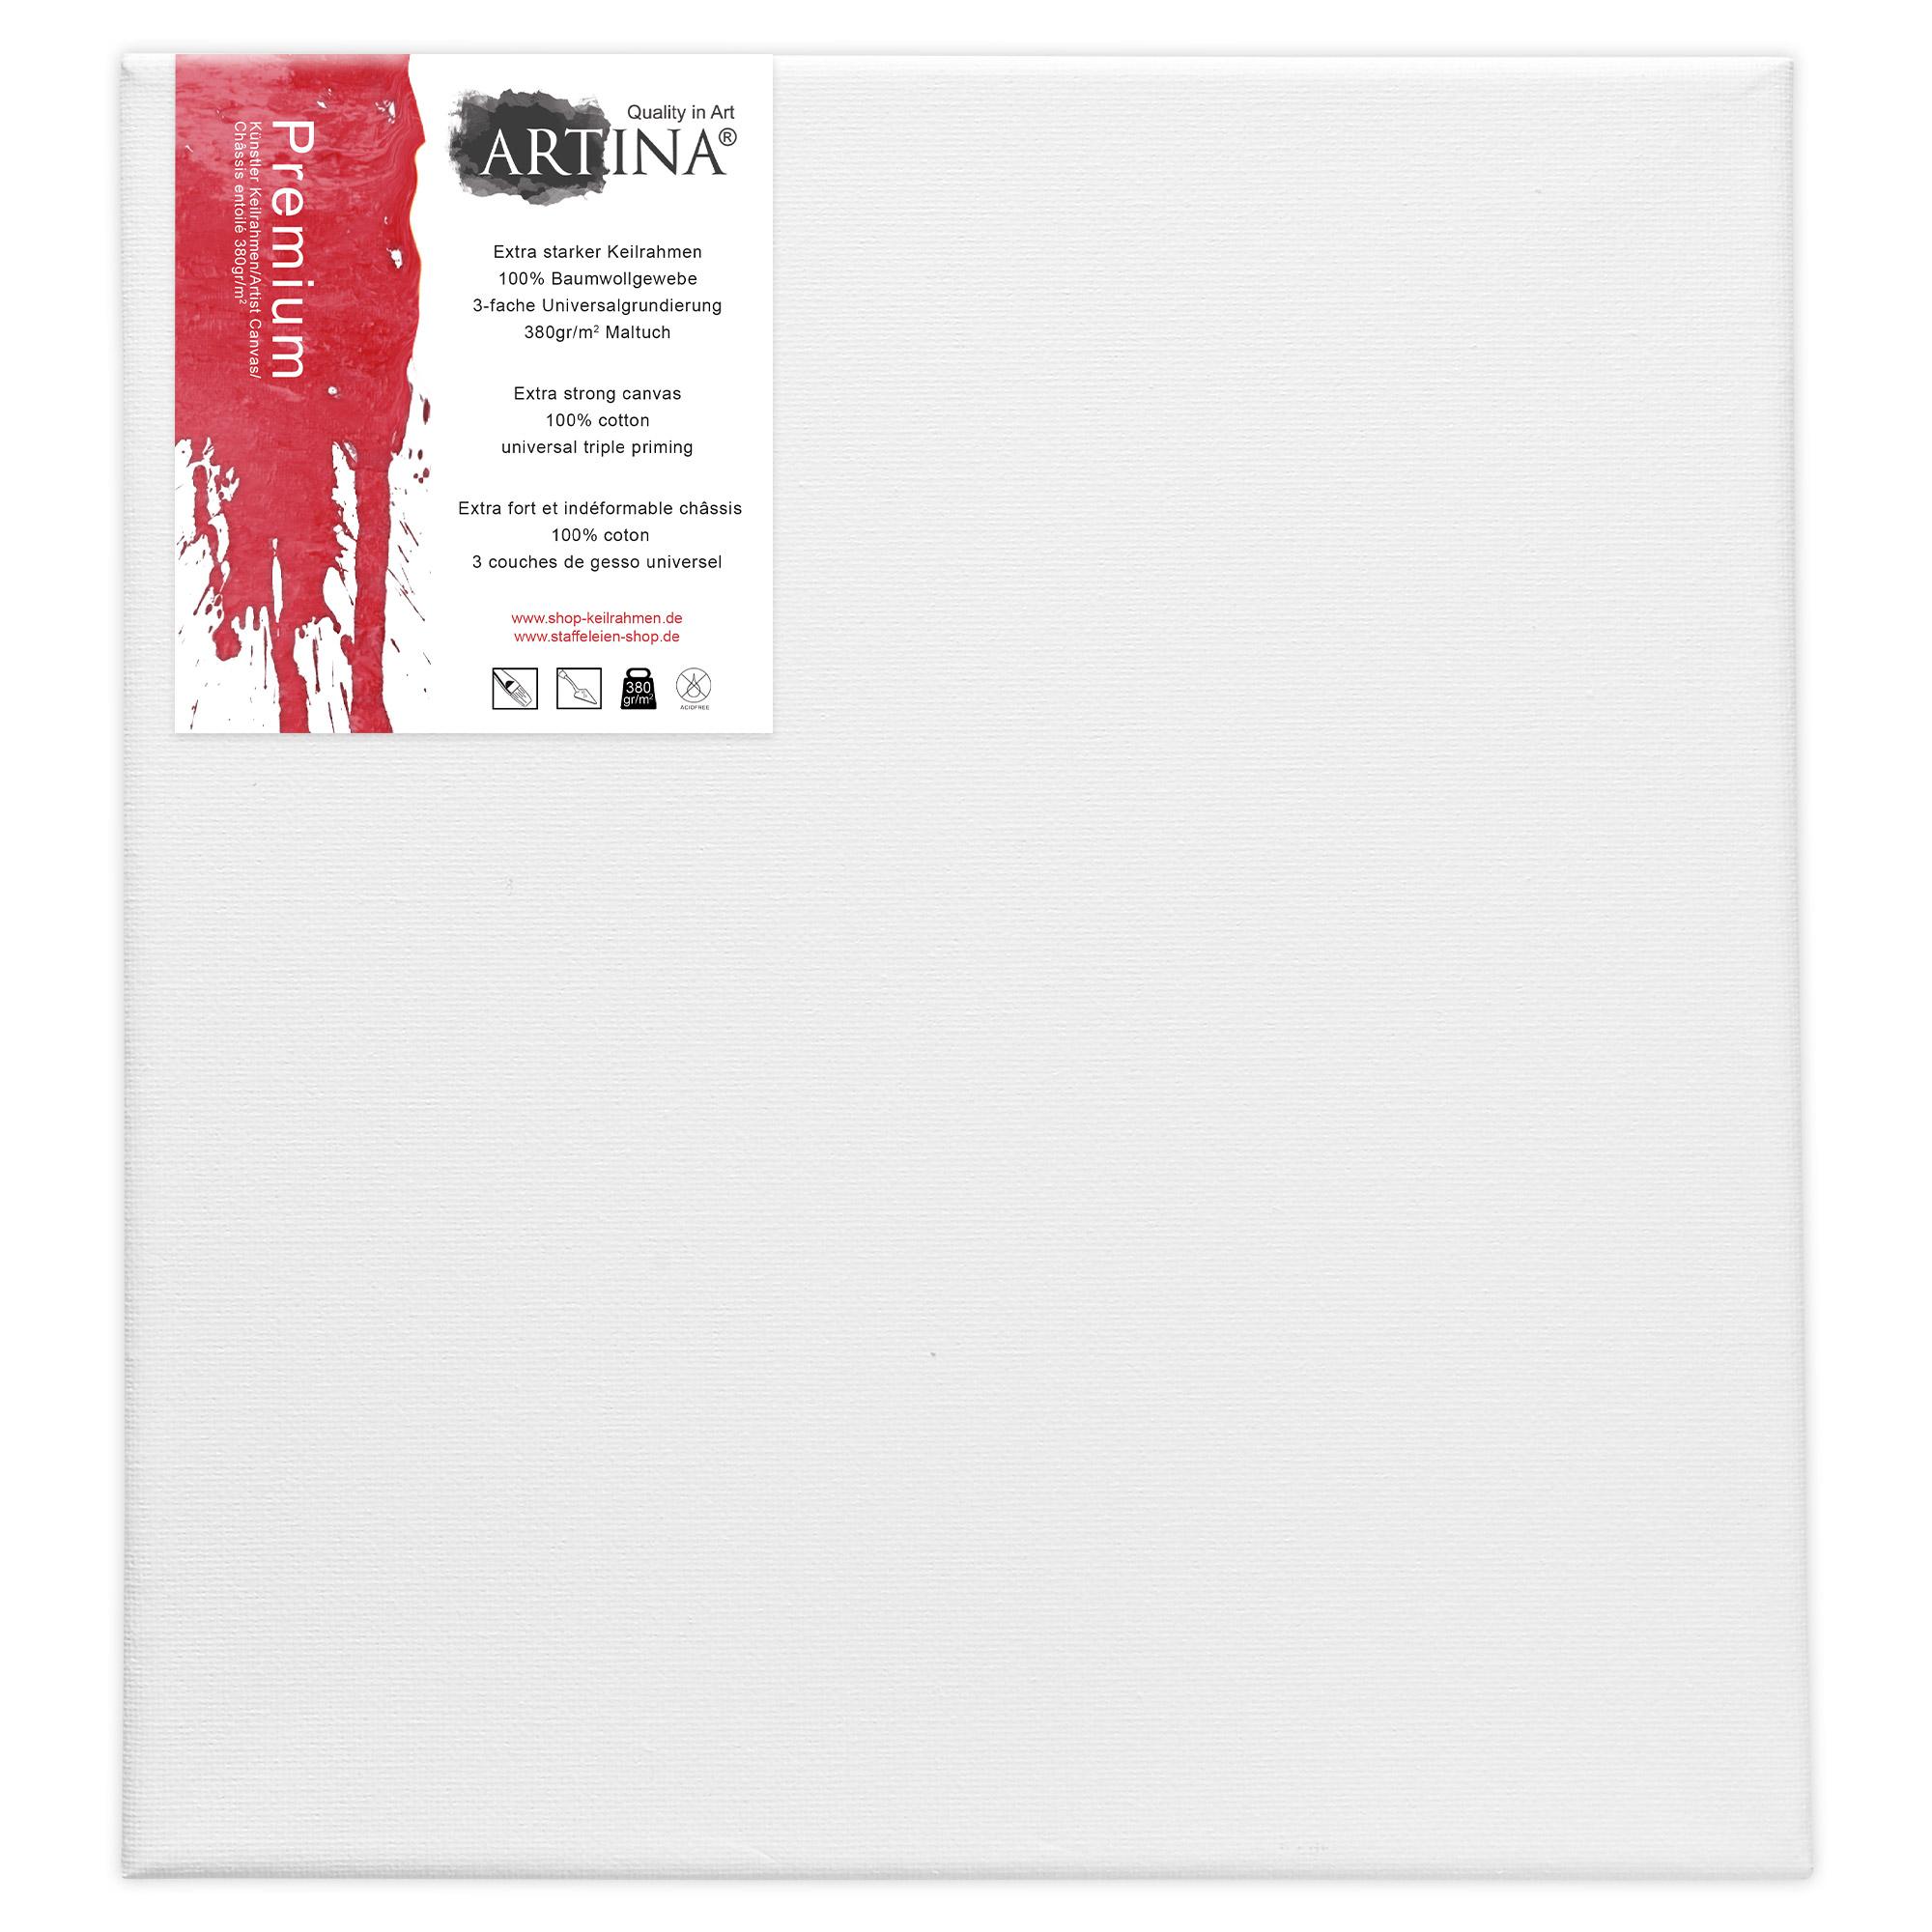 Leinwand auf keilrahmen leinw nde zum malen premiumqualit t k nstlerbedarf 380g ebay - Leinwand zum malen ...